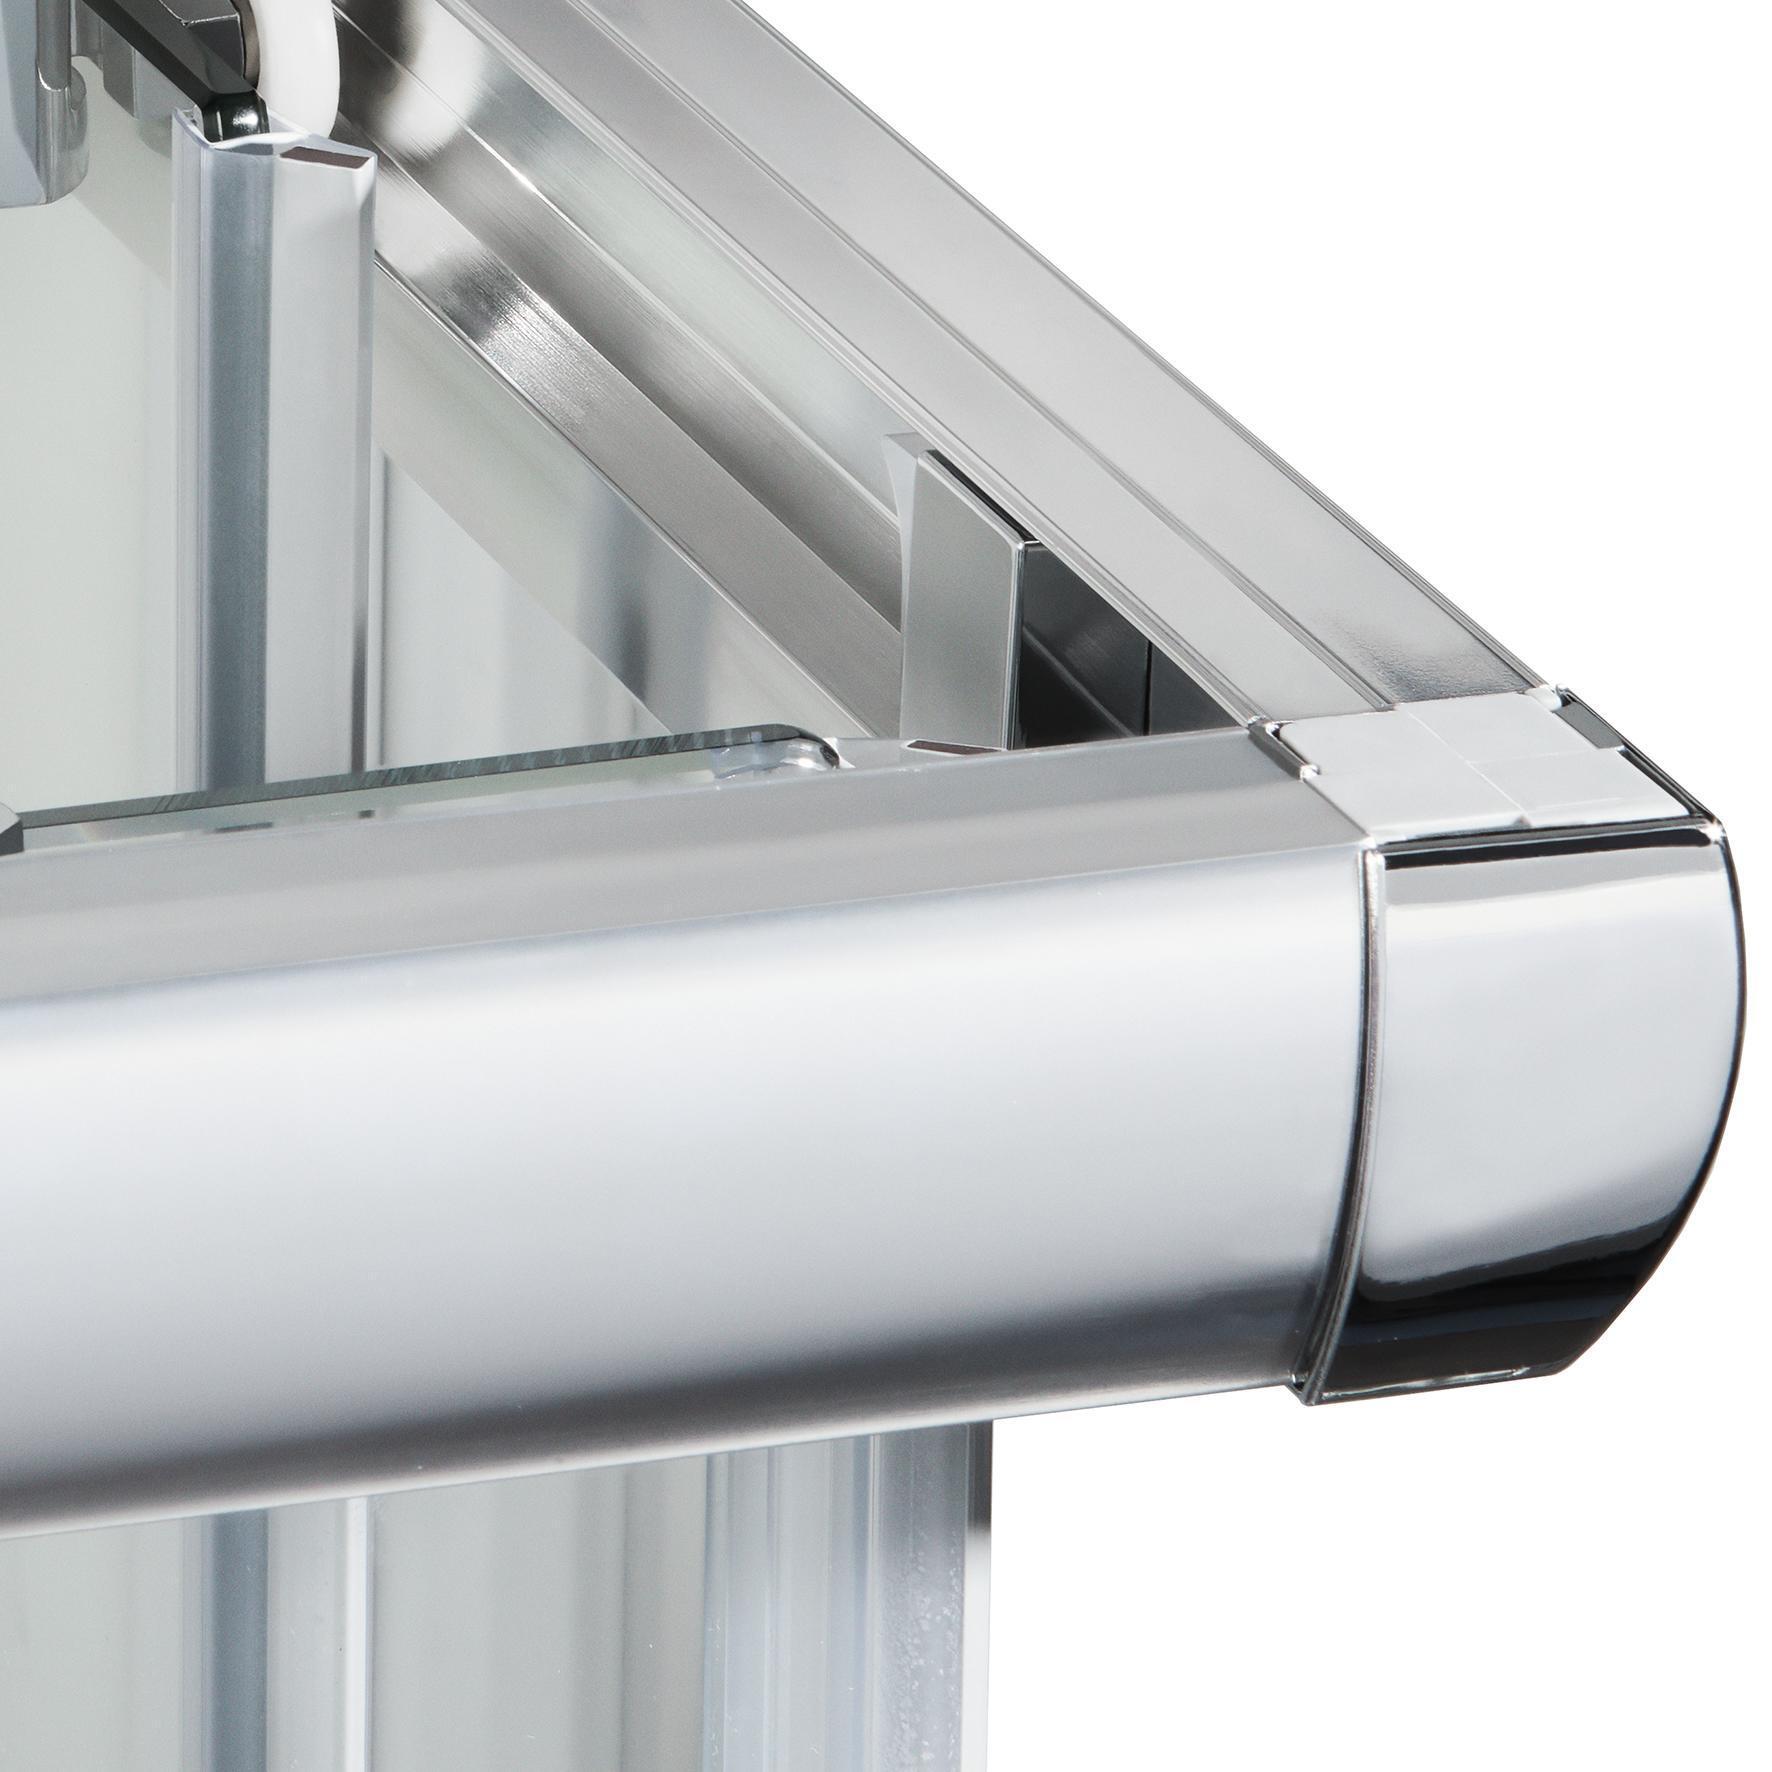 Box doccia quadrato scorrevole Quad 80 x 100 cm, H 190 cm in vetro temprato, spessore 6 mm trasparente argento - 2